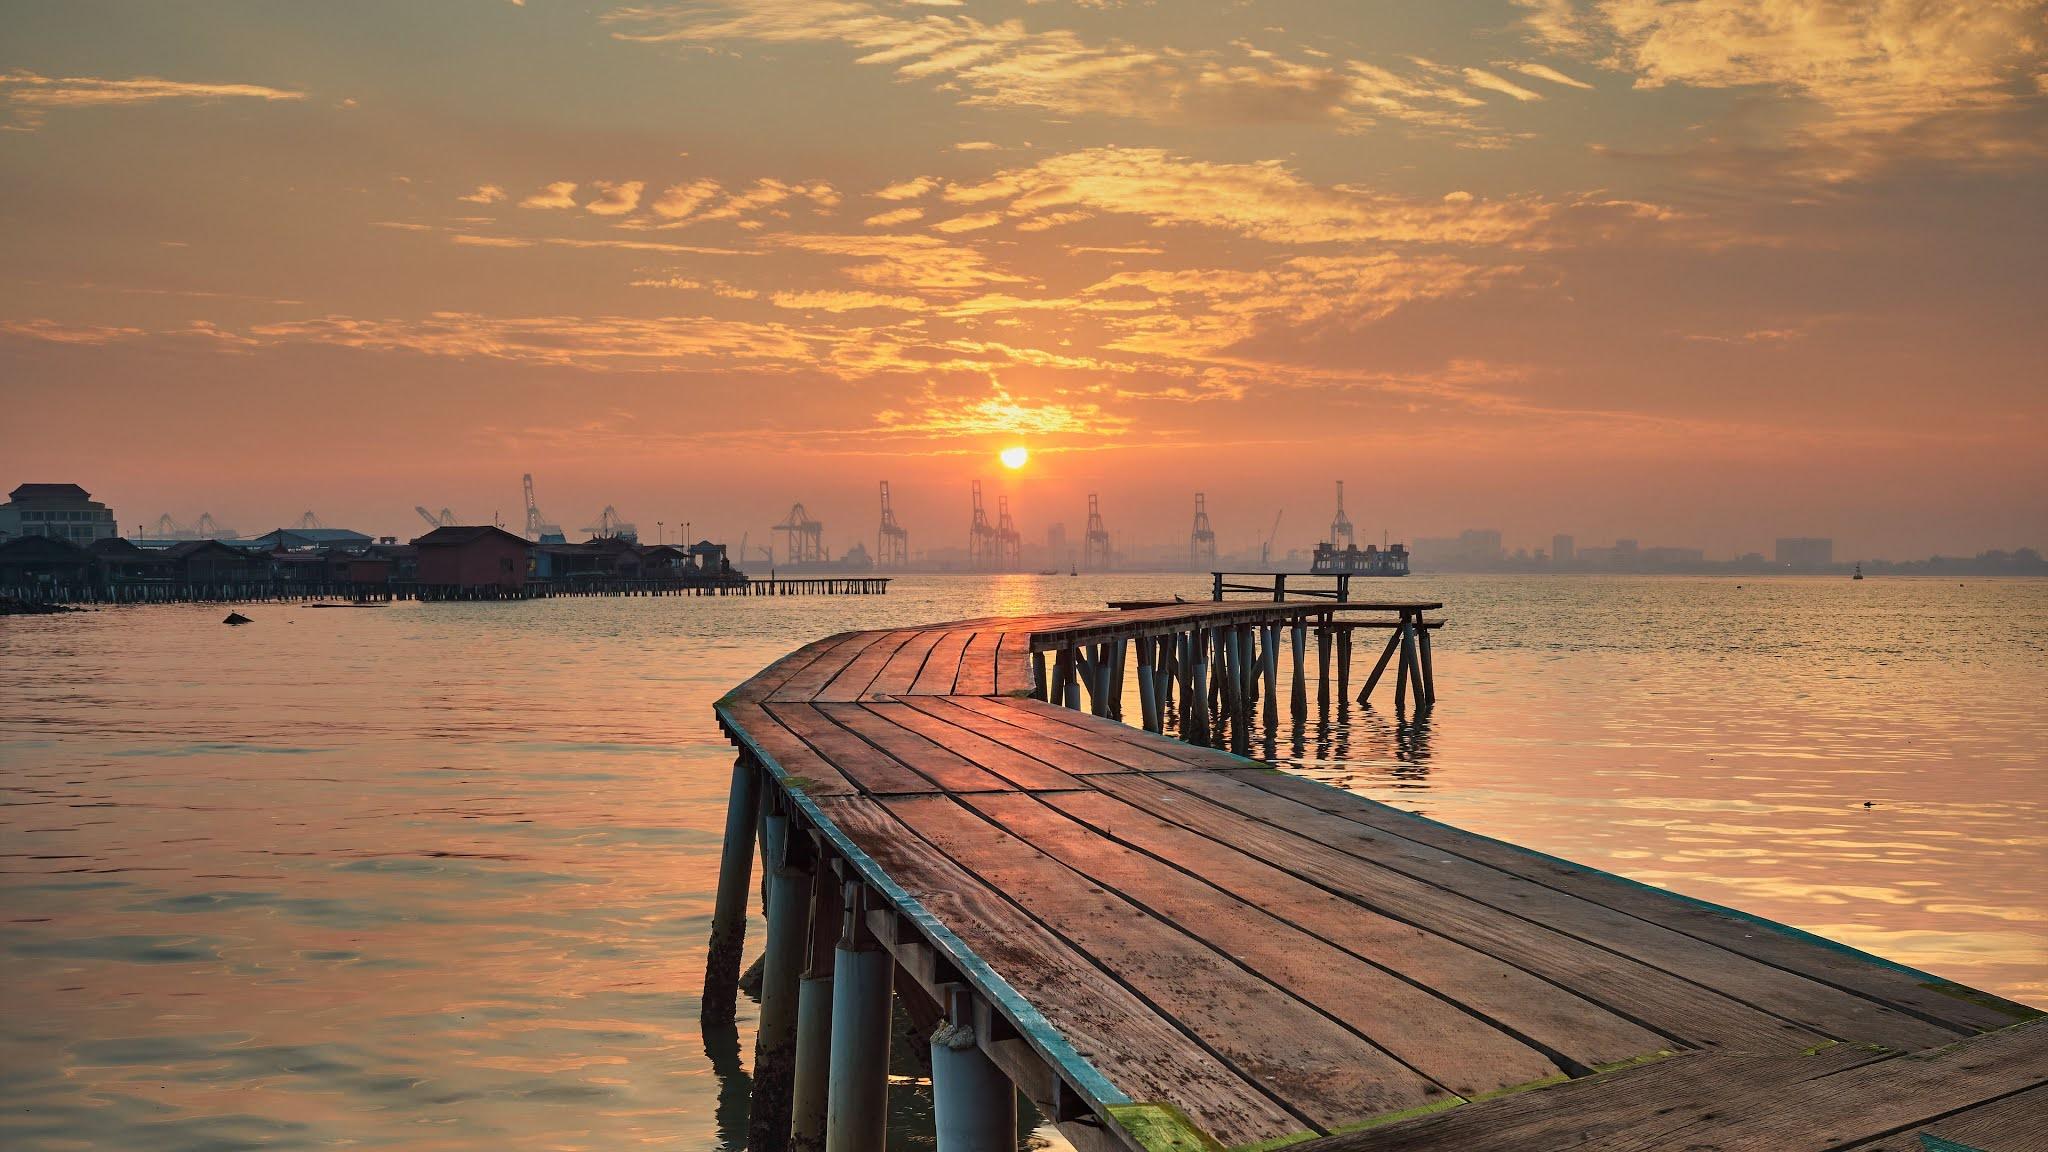 Sunset Pier Nature Iphone 11 Wallpaper